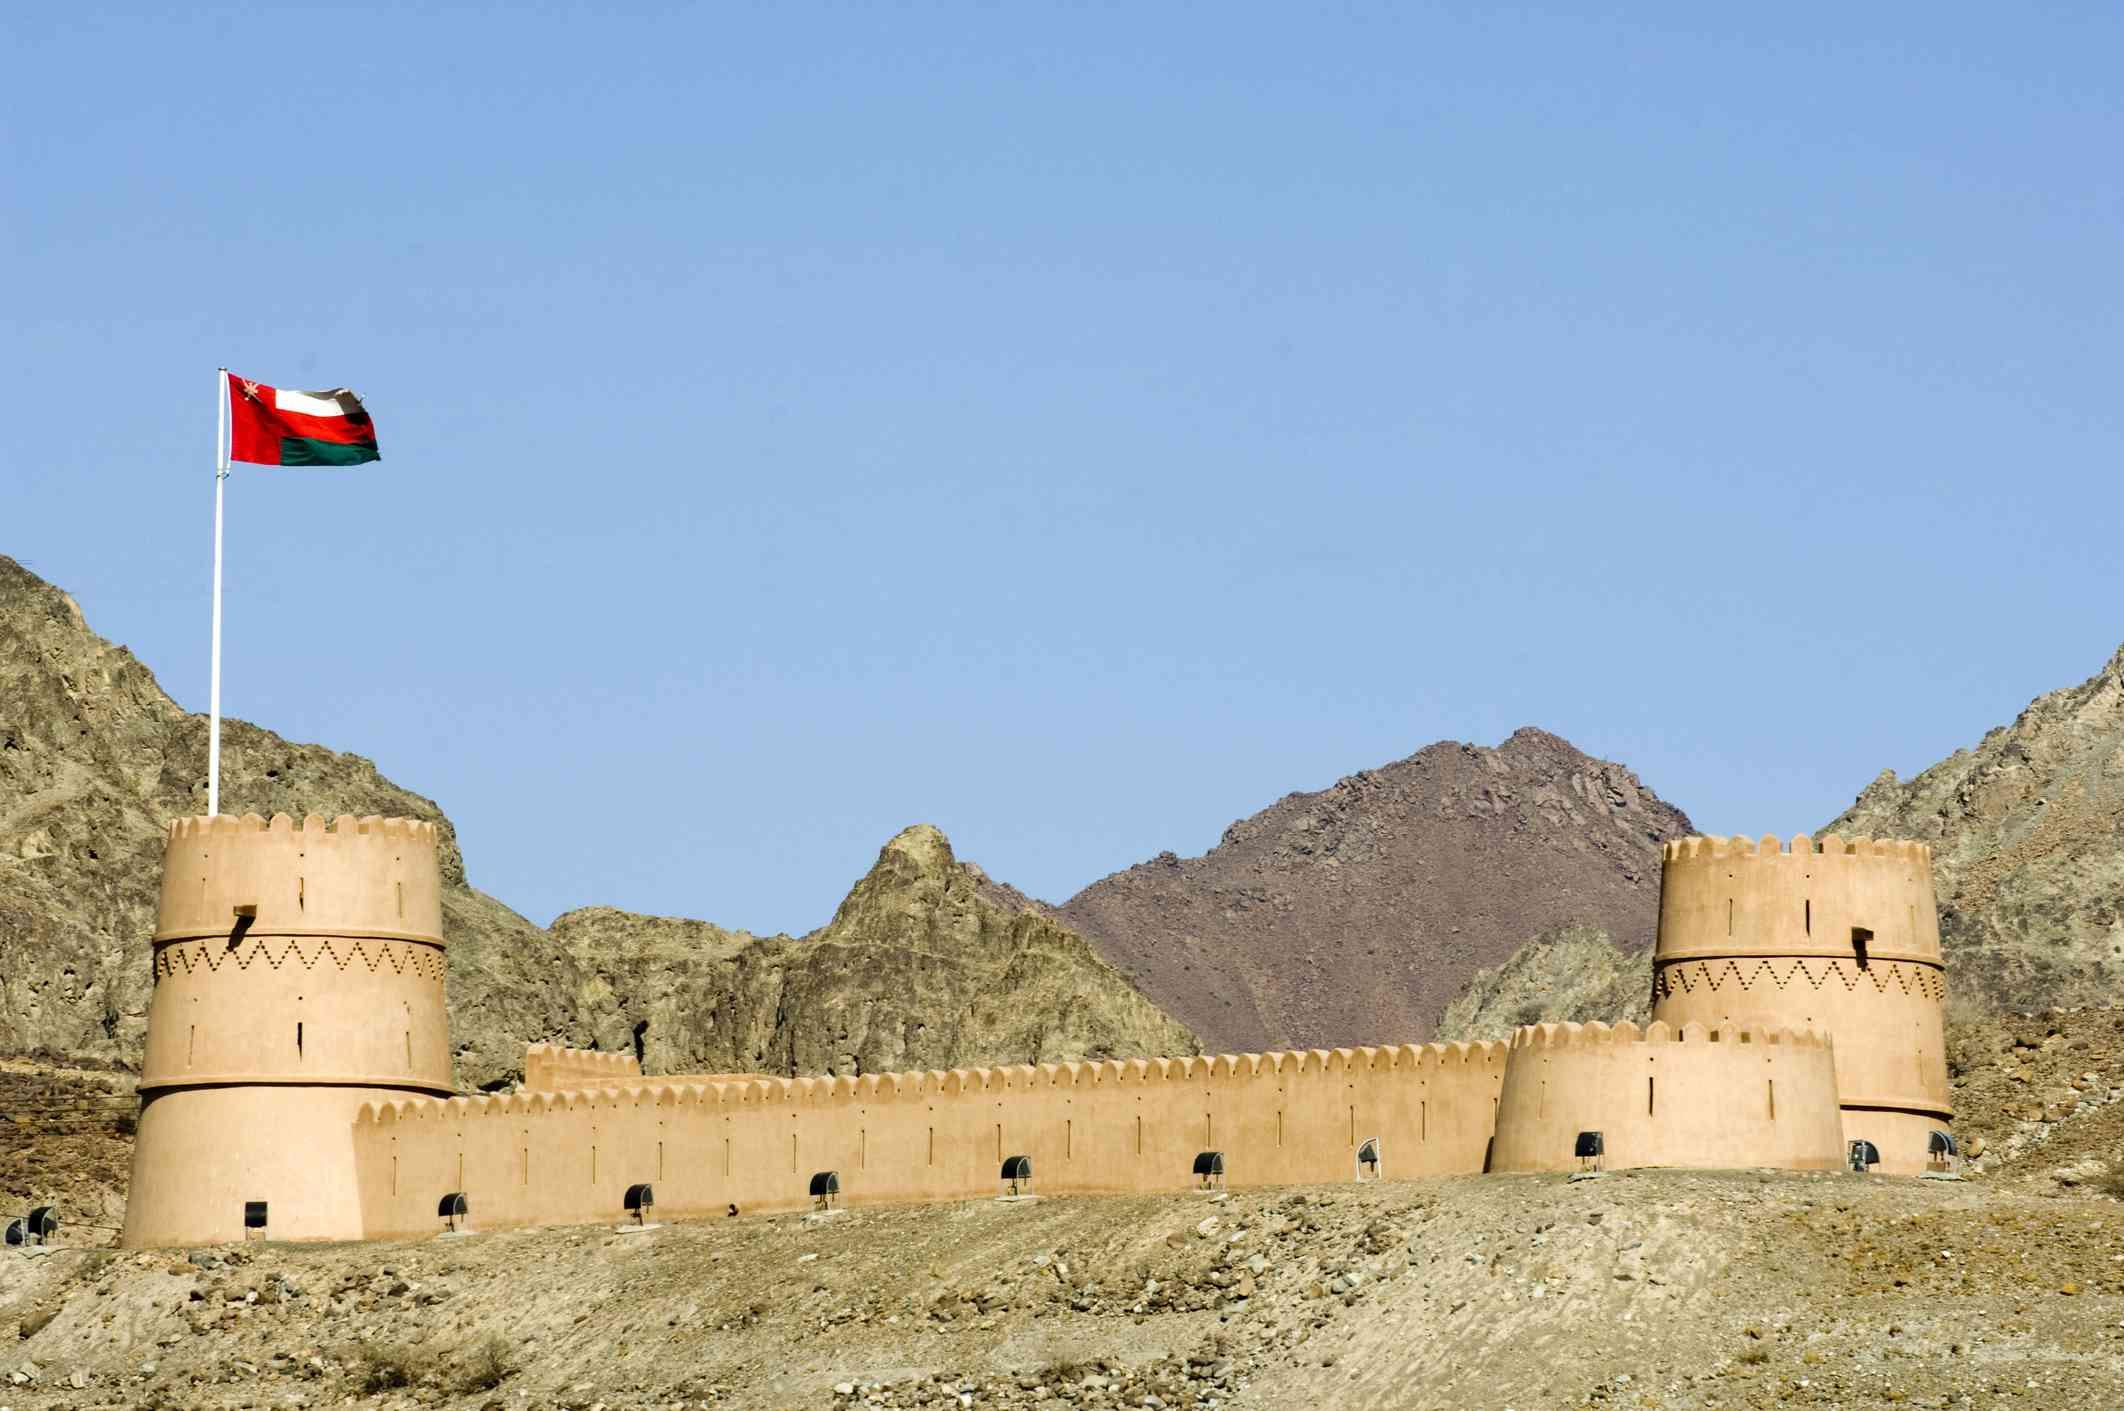 Sohar Fort